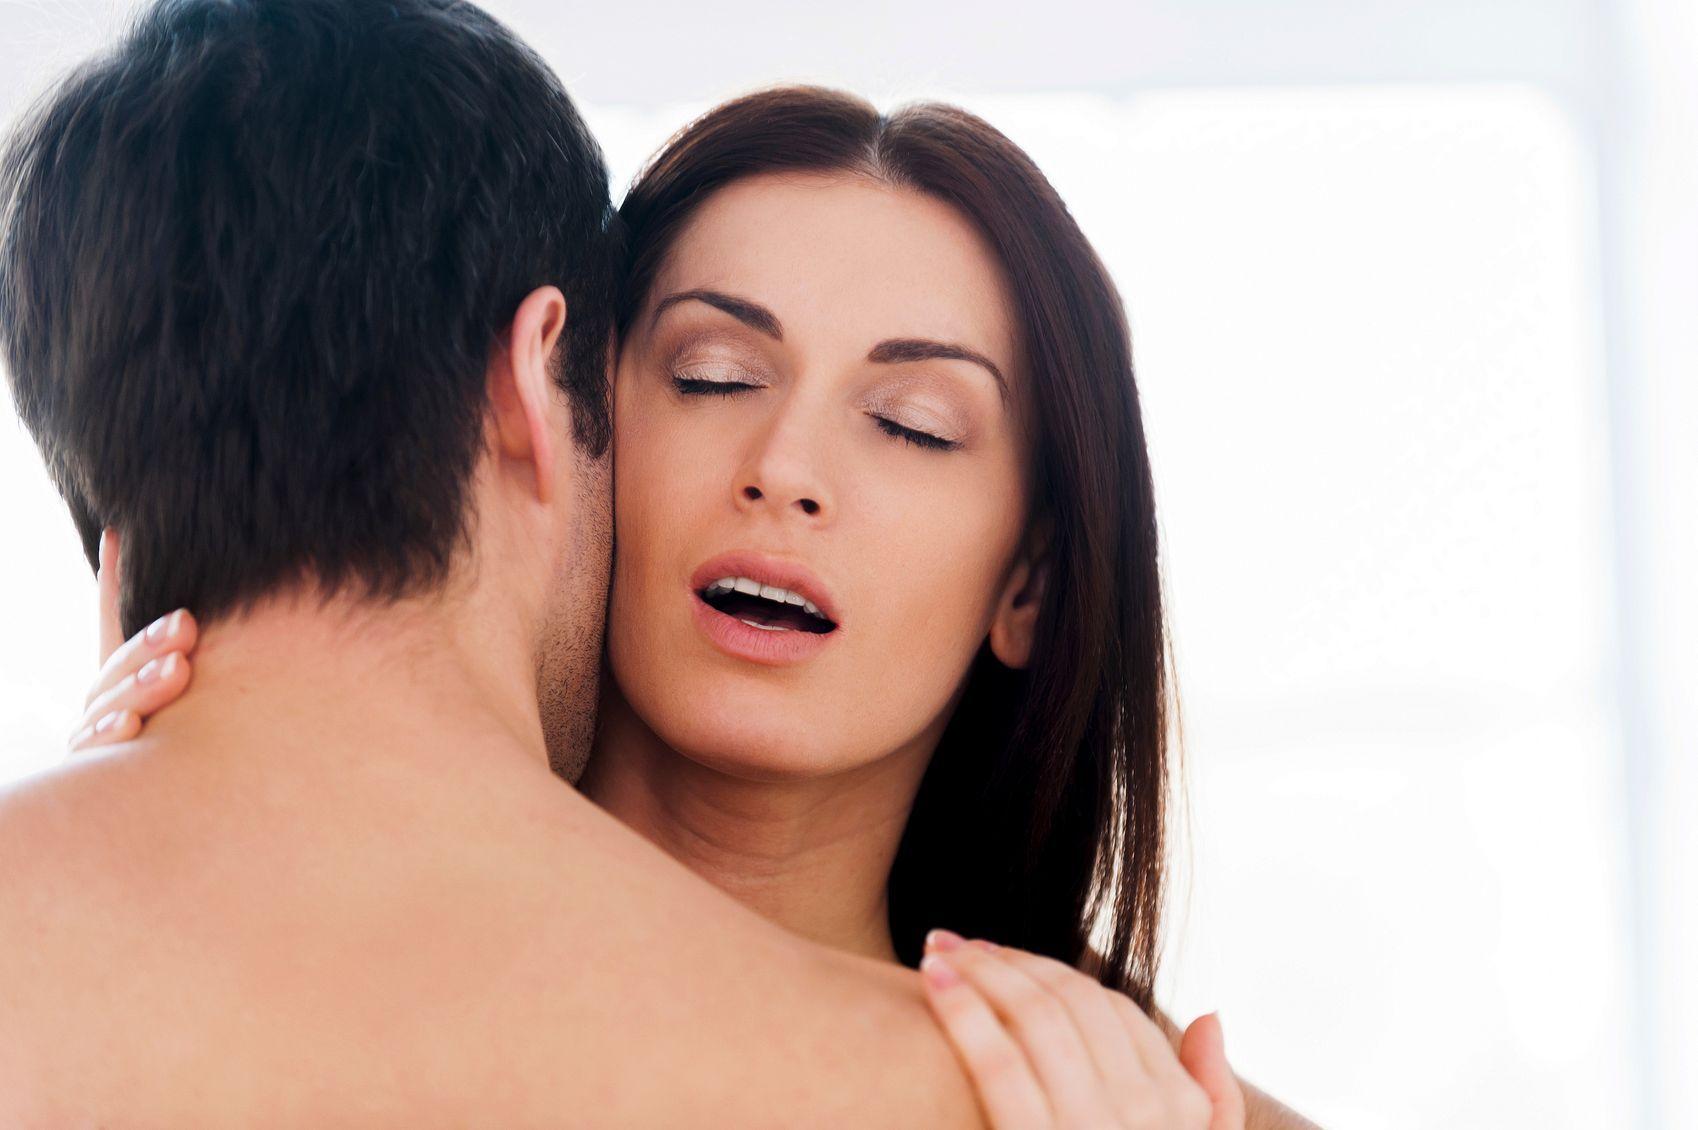 как довести девушку до оргазма орально